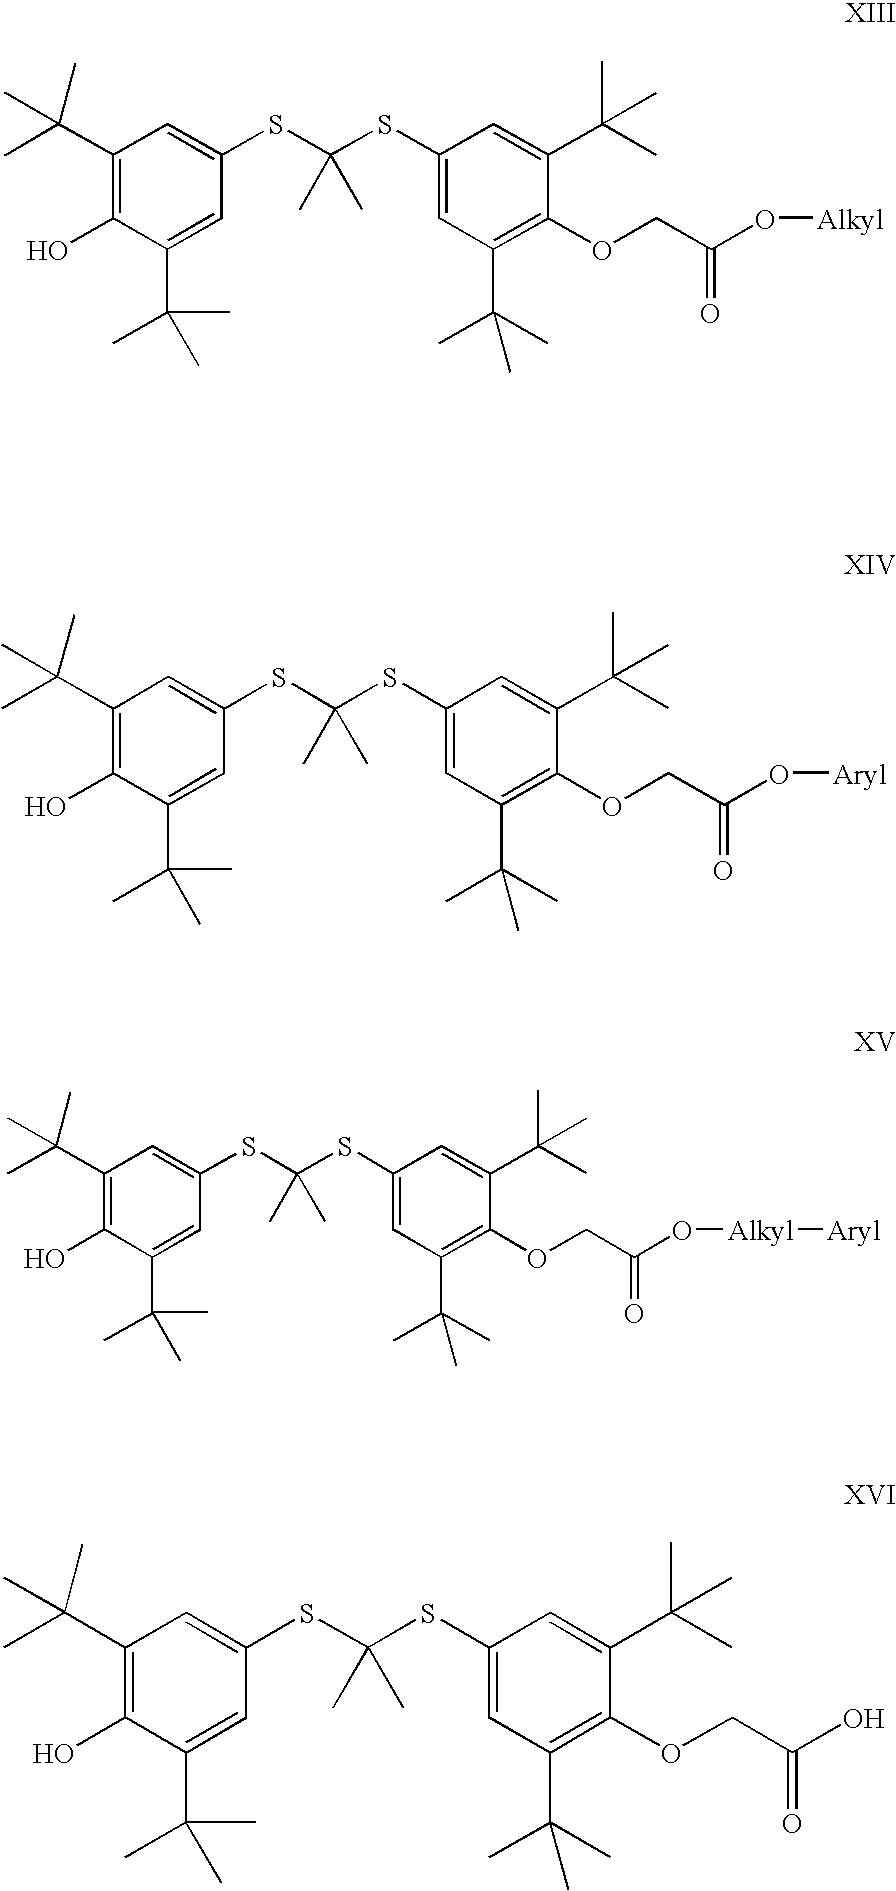 Figure US20040204485A1-20041014-C00081